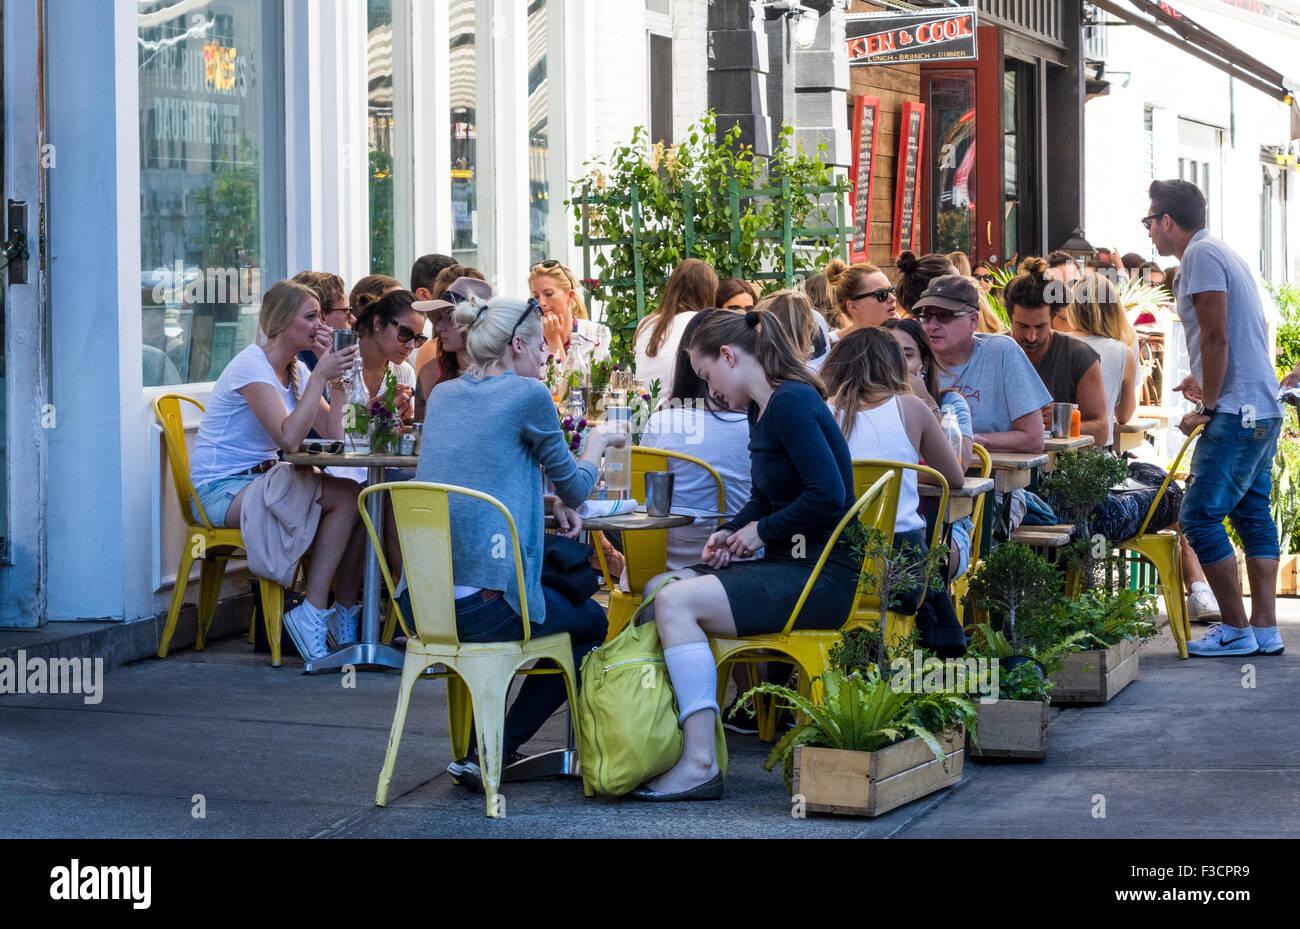 Alfresco brunch in Nolita in New York City - Stock Image